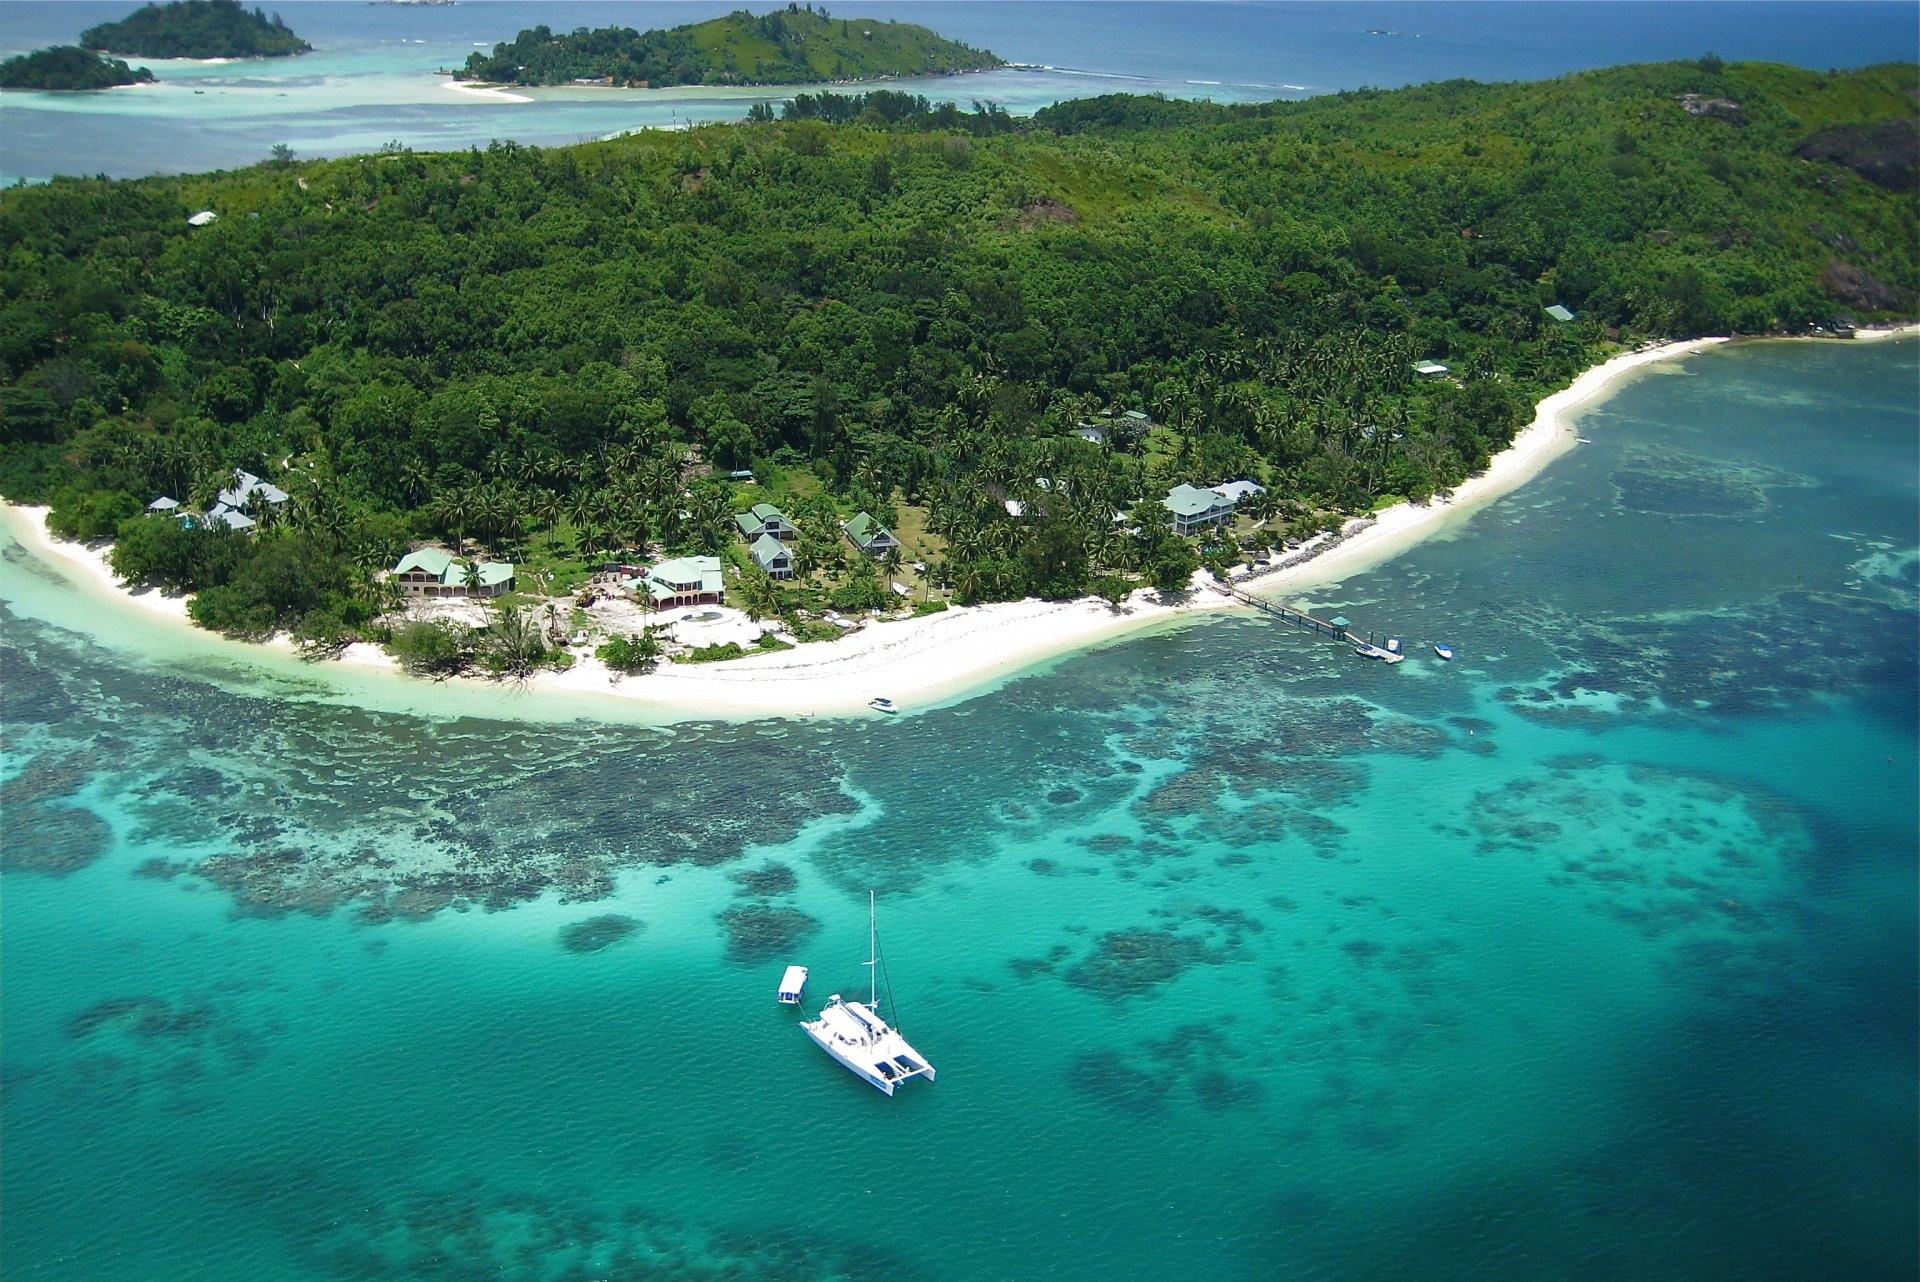 данному фото сейшельских островов на рабочий стол опор шпалеры